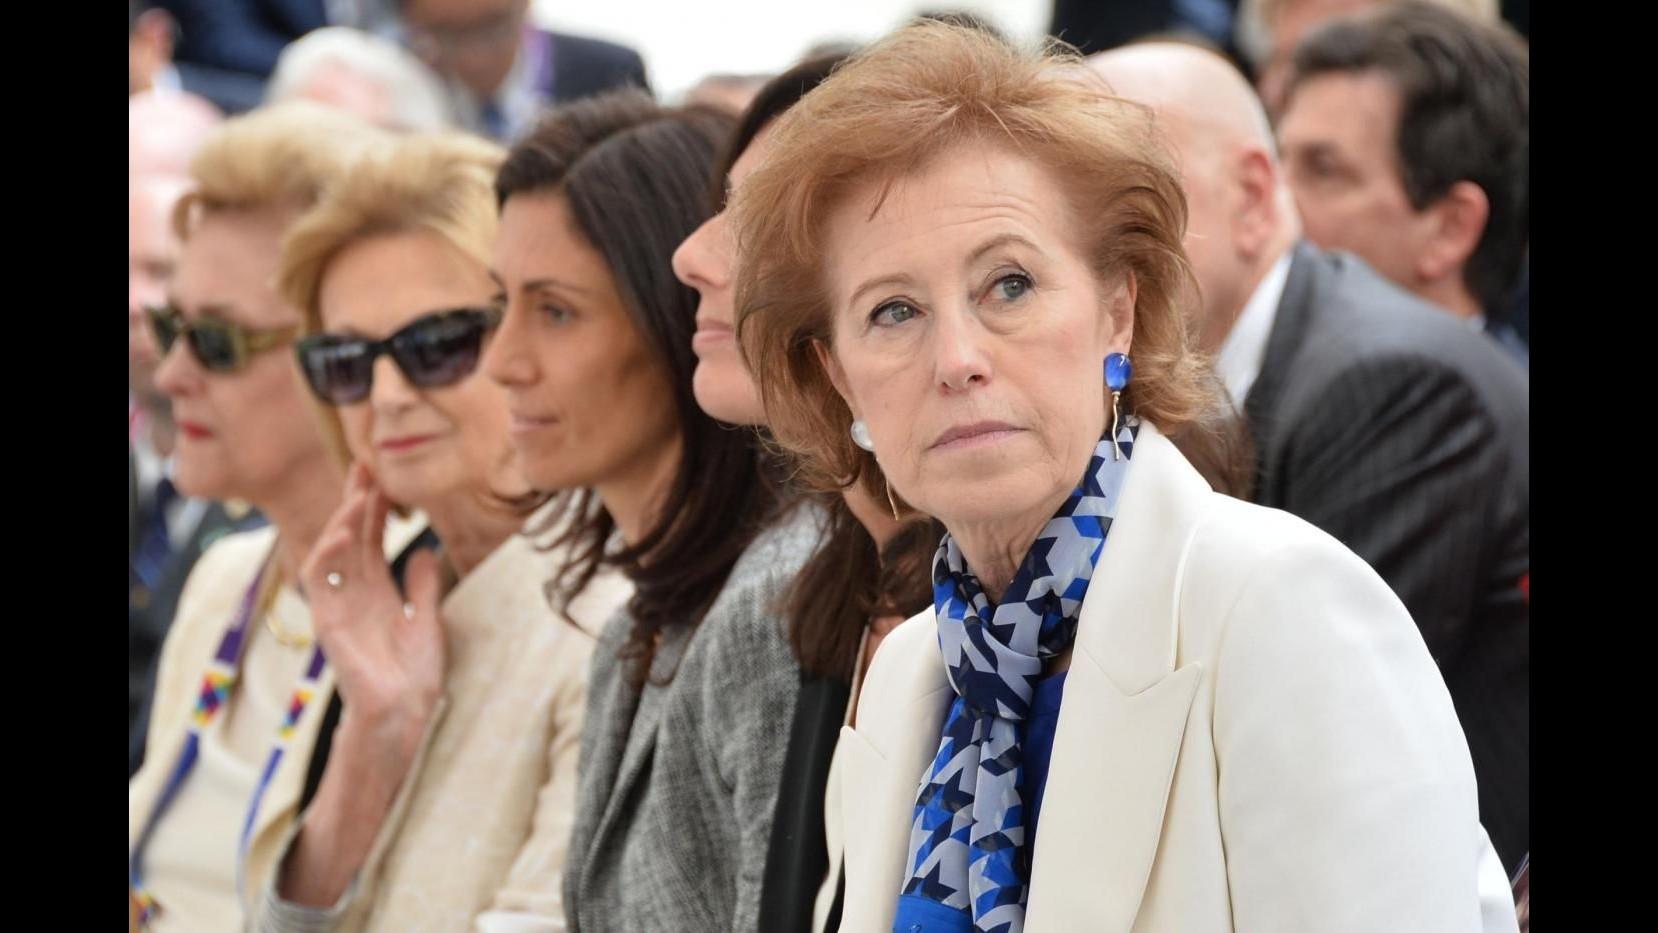 Milano, Moratti: Sala sindaco? Decida se vuole fare questa partita